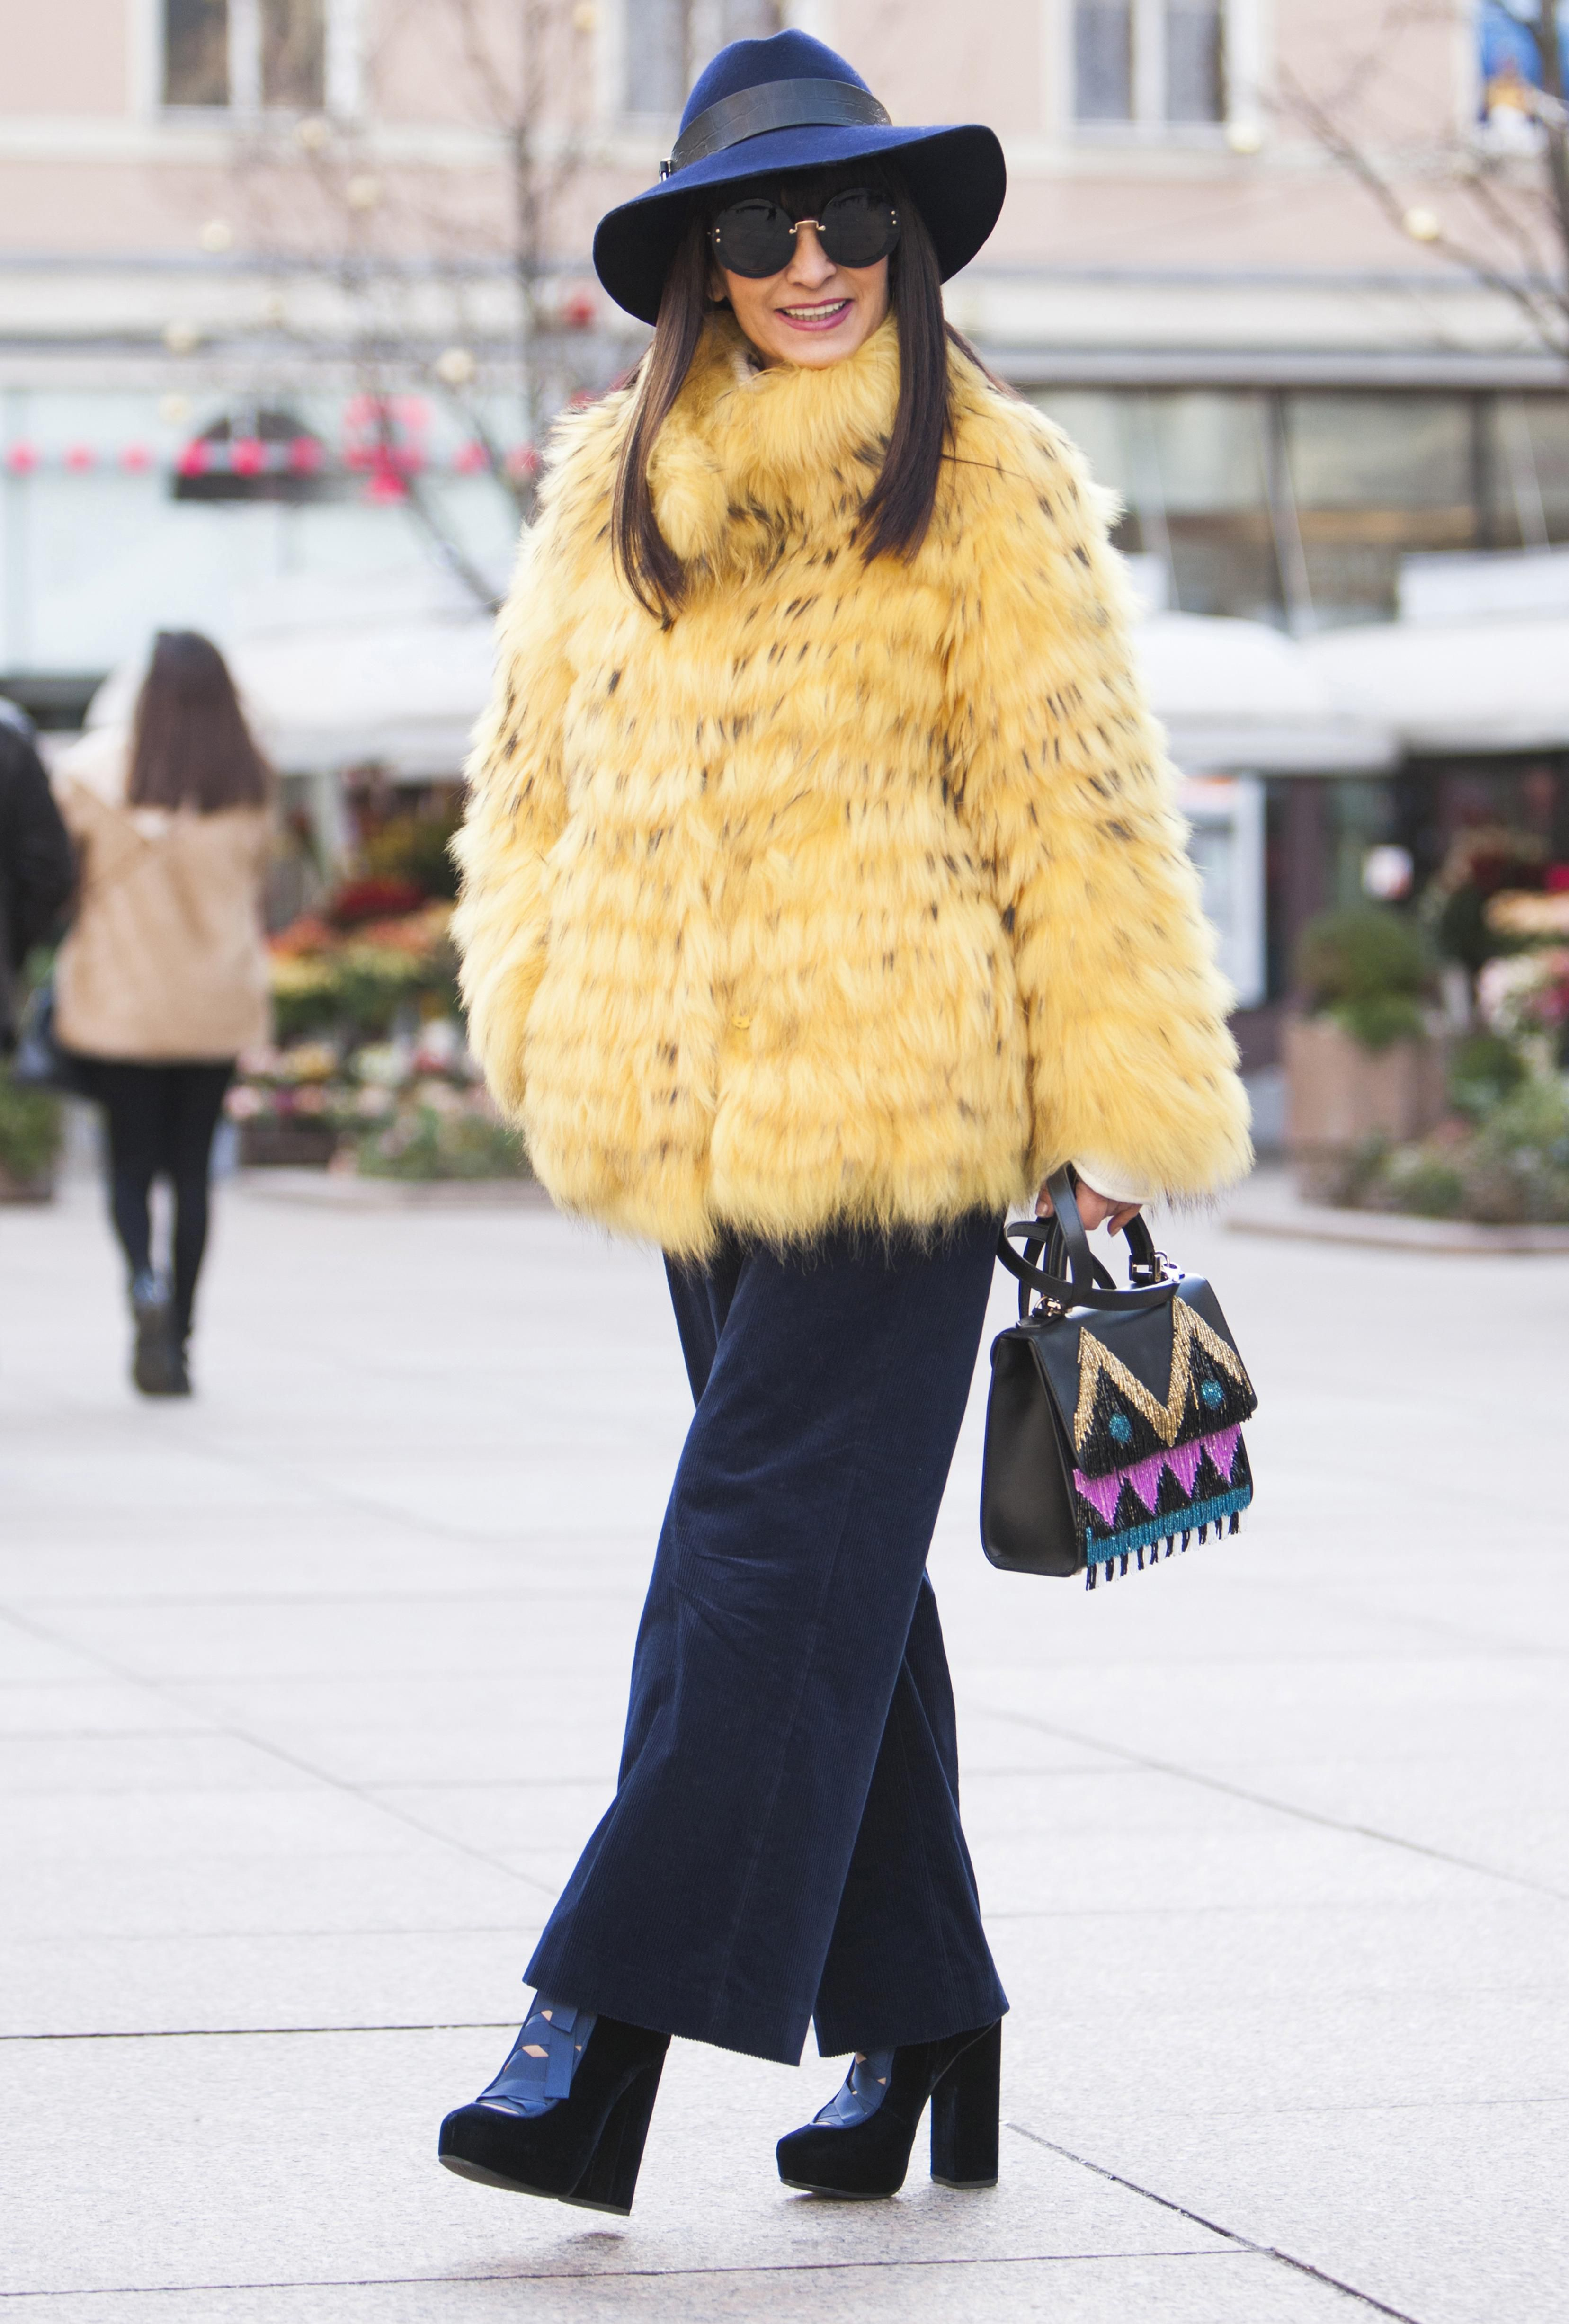 """Matija Vuica: """"Iako mi ormar zimi pocrni pa se jedva snalazim što bih odjenula, ova me žuta bundica  totalno kupila!"""""""